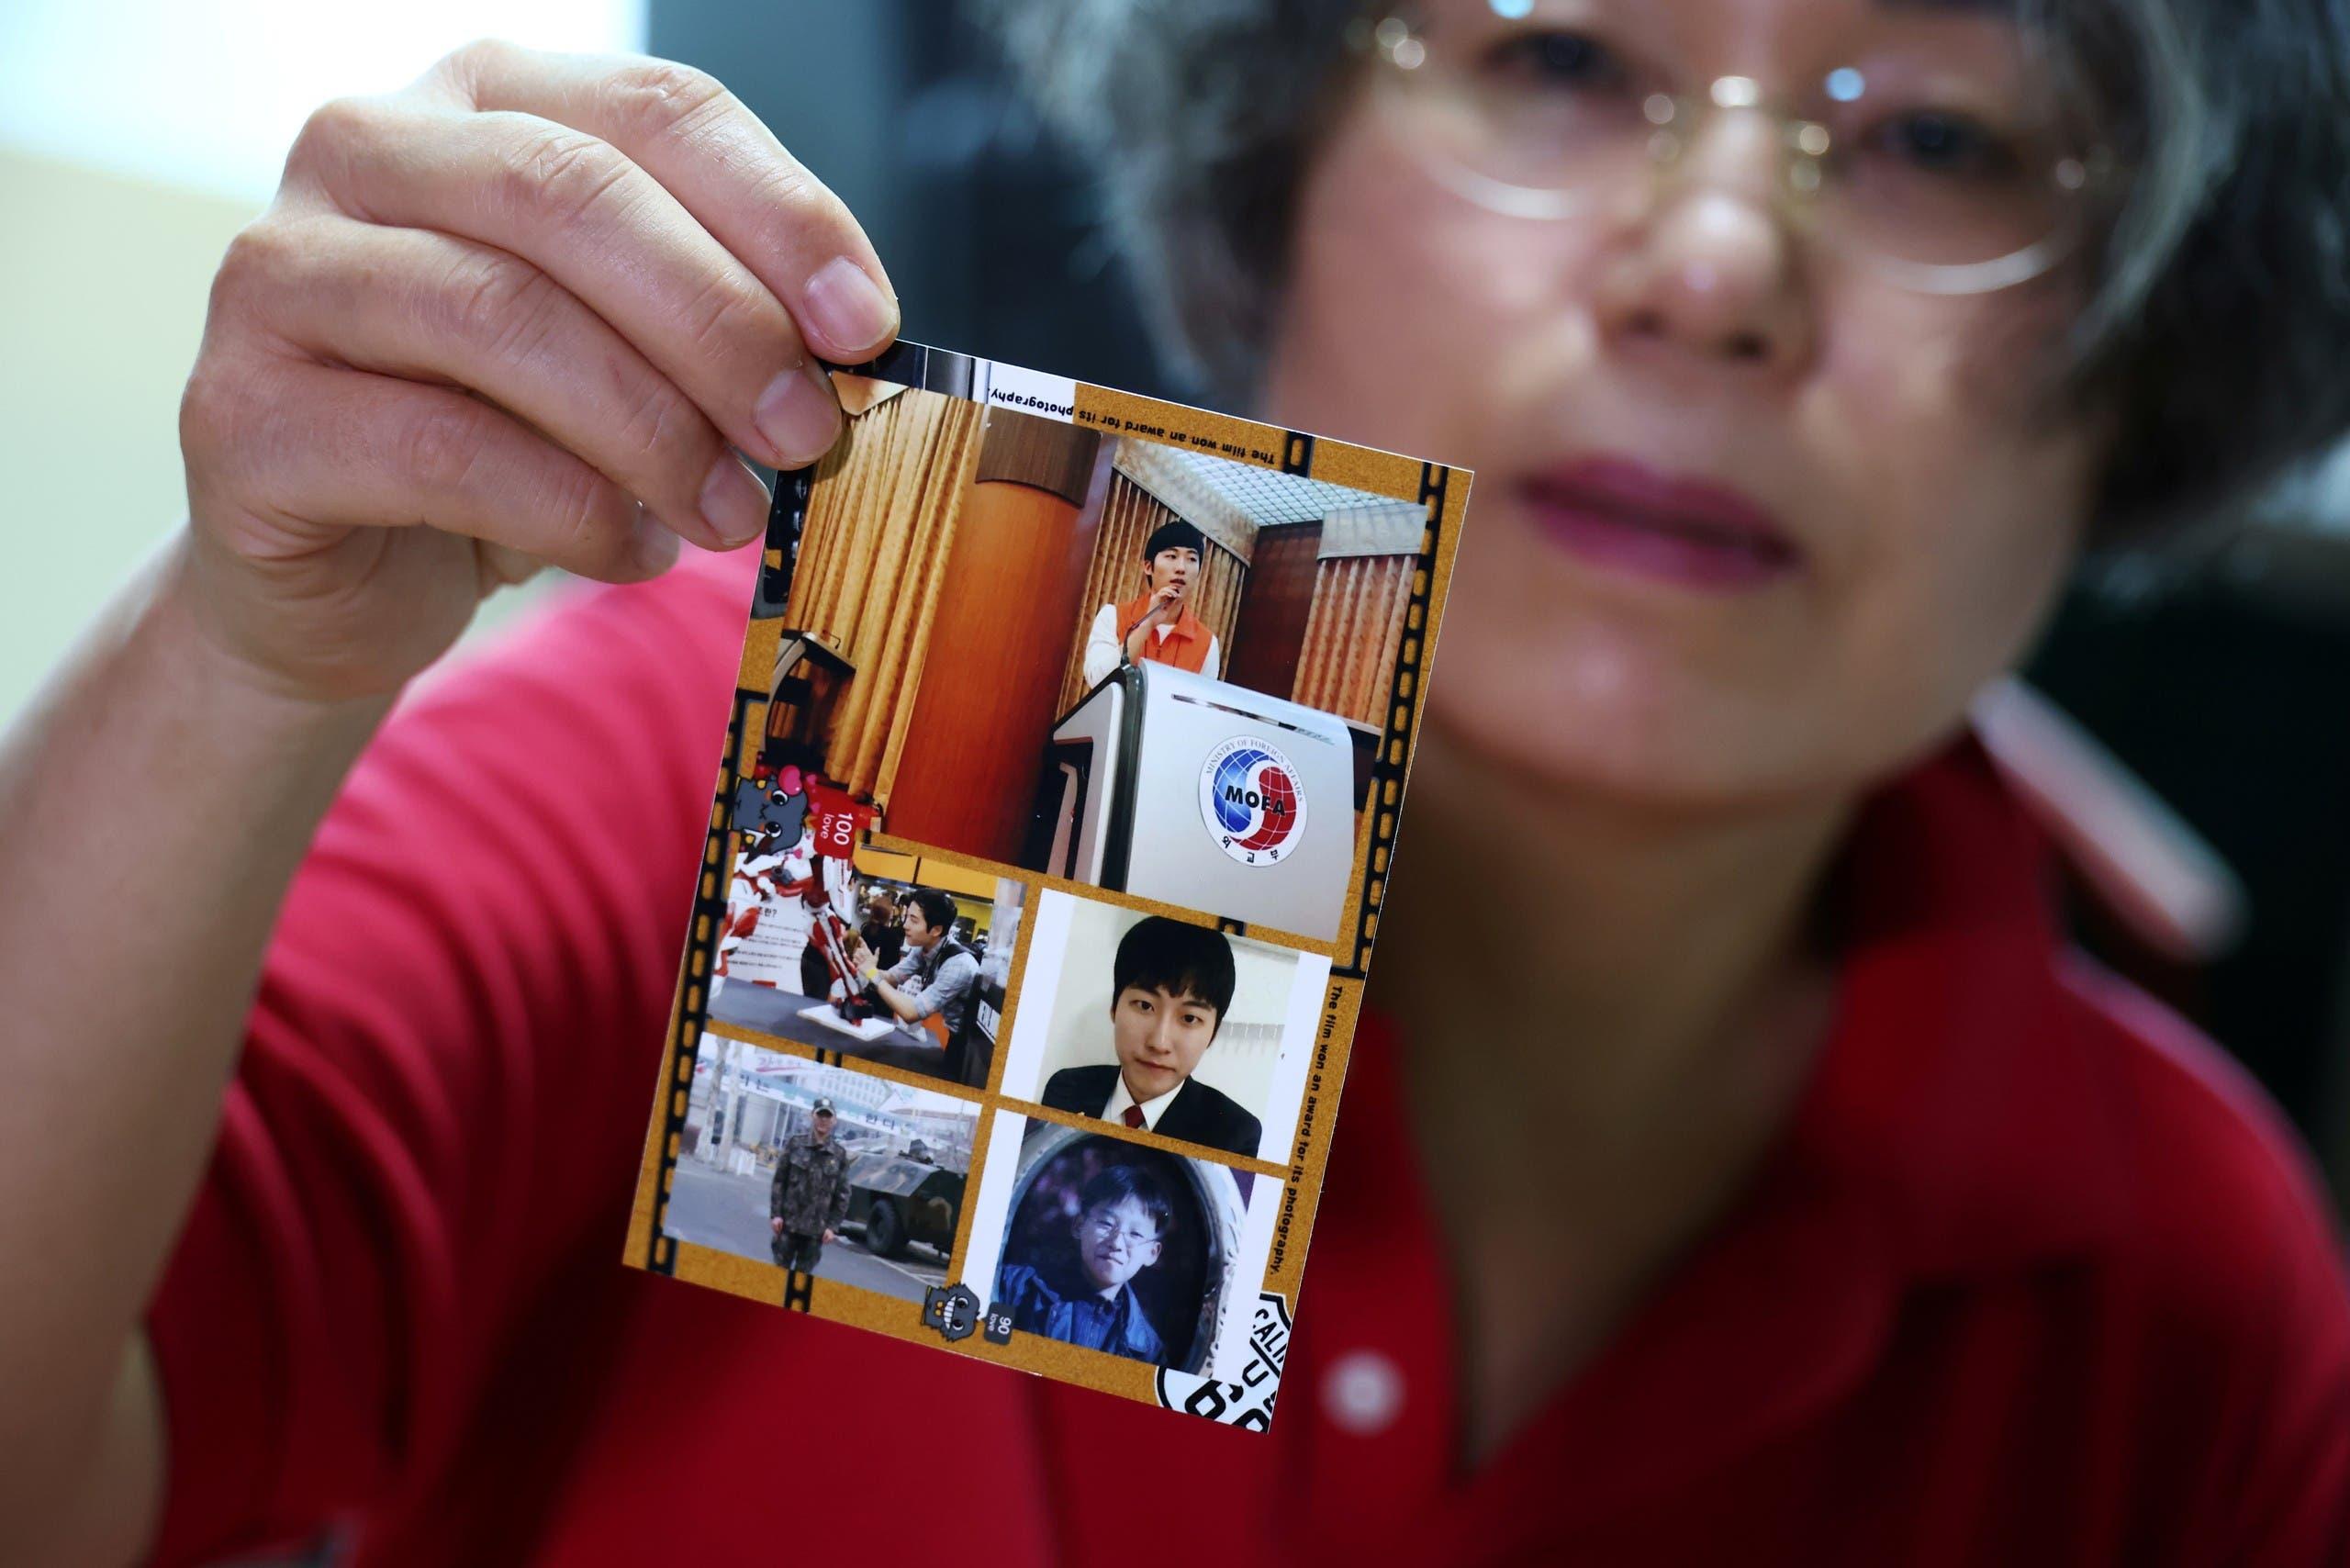 لي نا جيوم  تحمل صور ابنها كوون داي هي